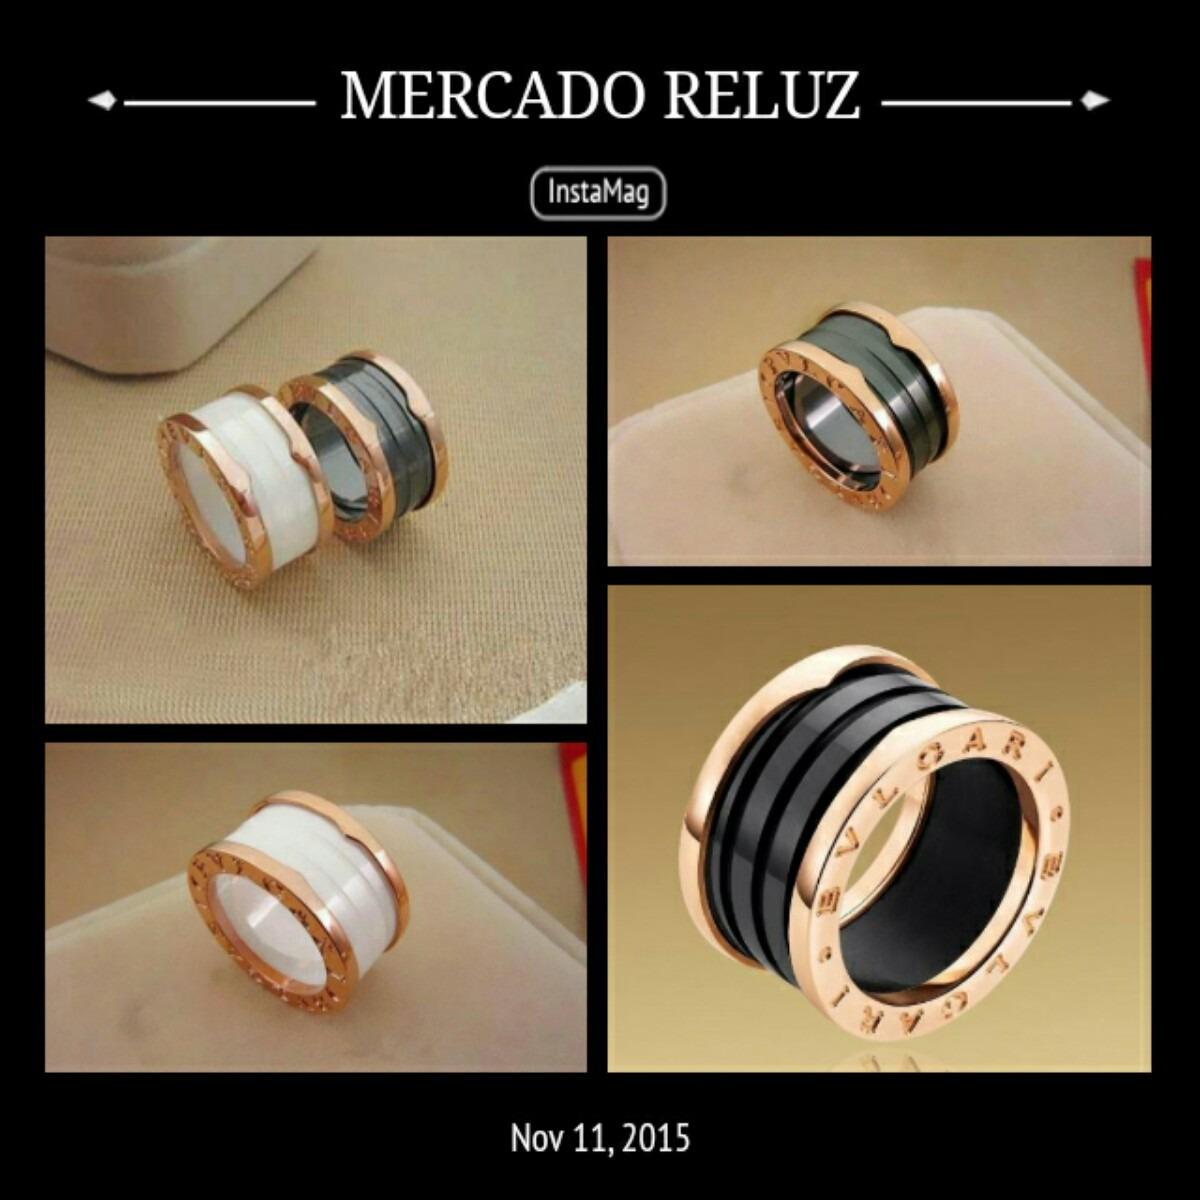 3c5ccc227a2 par anel aliança titânio banhado cerâmica. Carregando zoom.